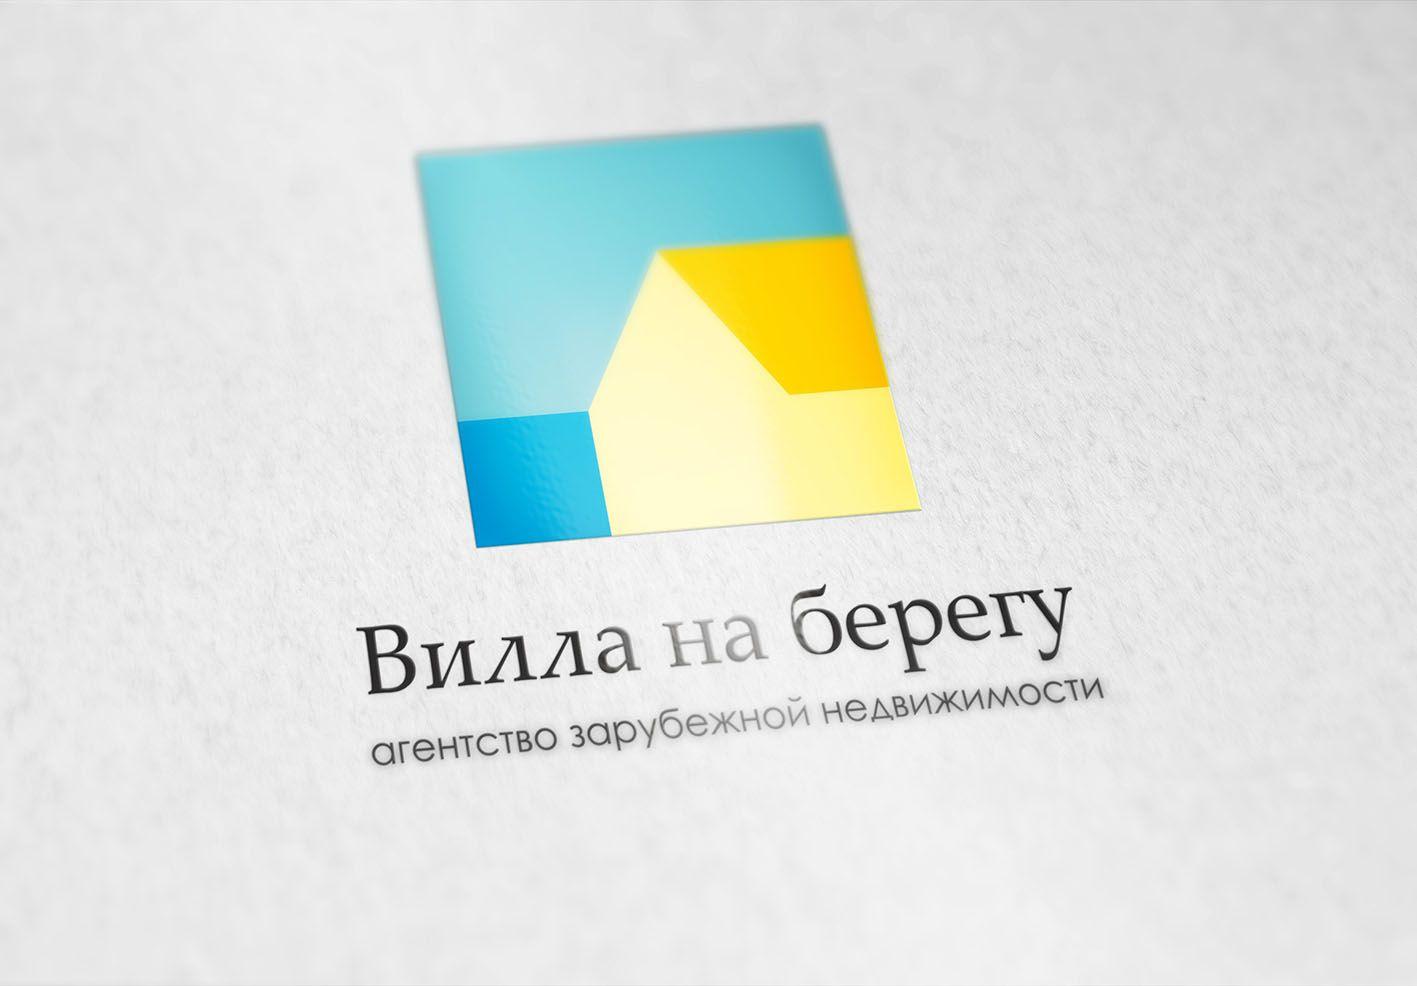 Фирстиль для агентства зарубежной недвижимости - дизайнер blukki